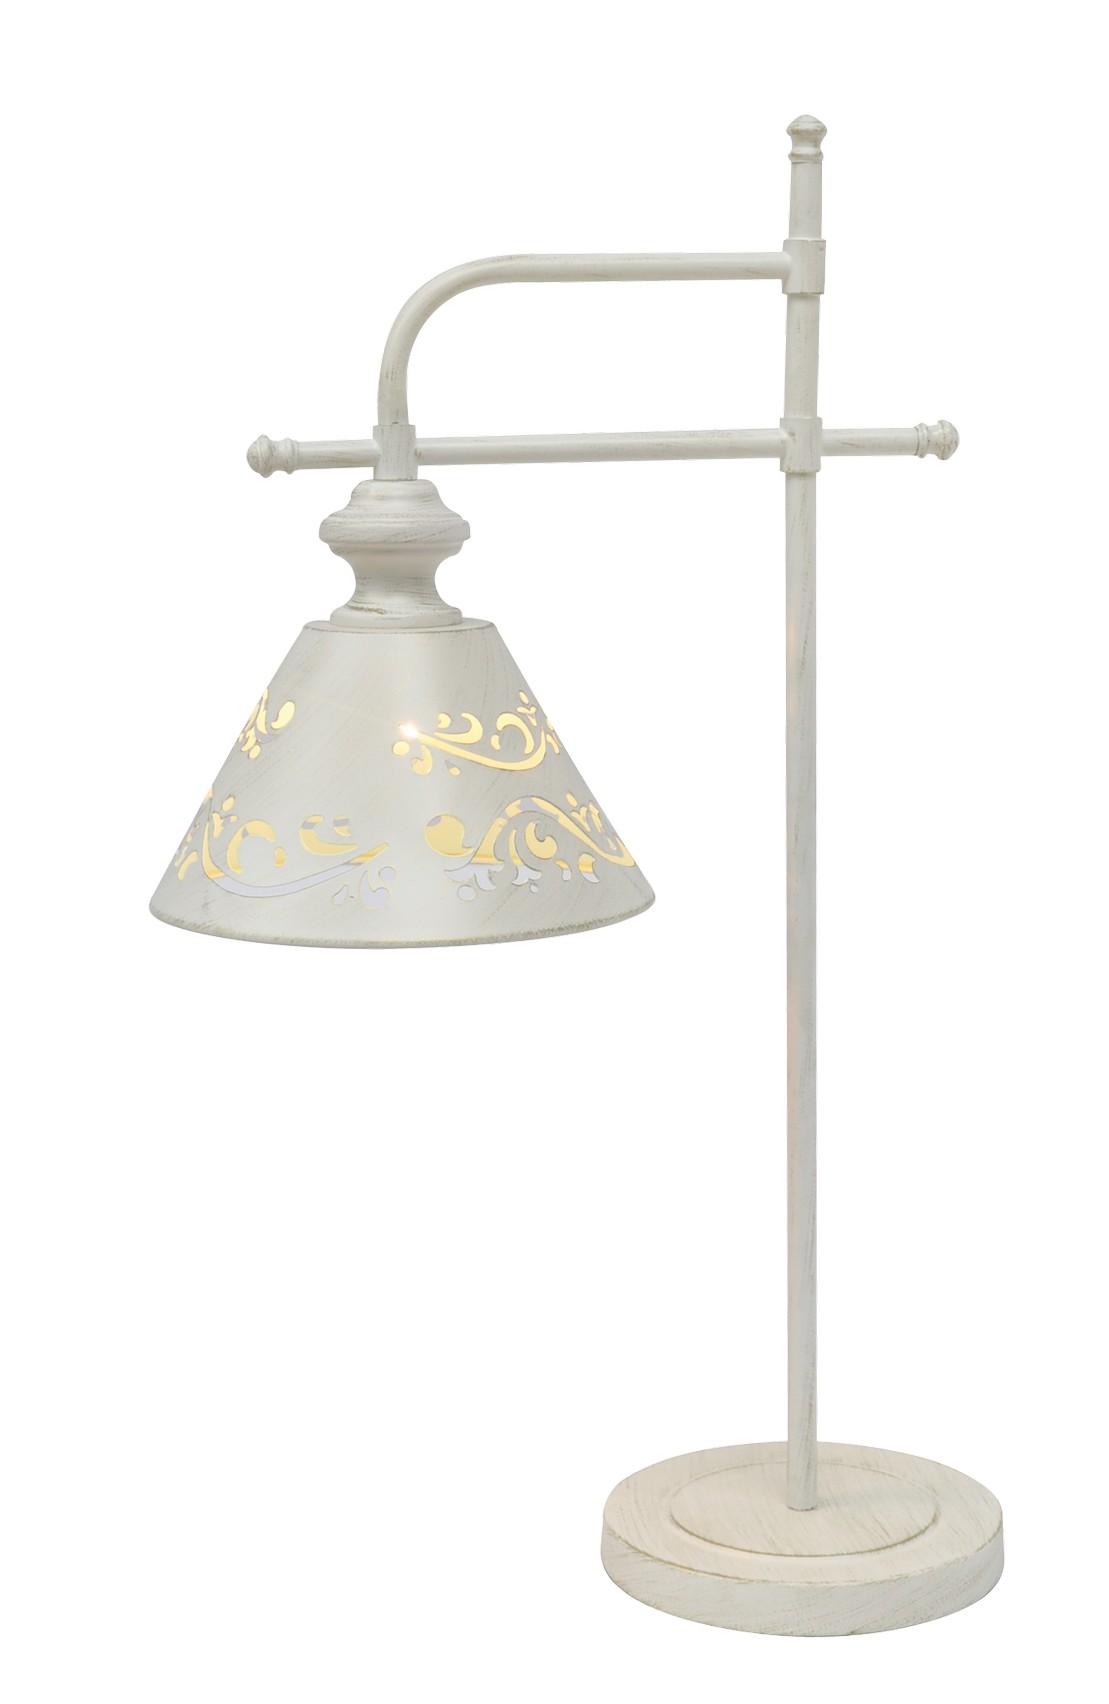 где купить Лампа настольная Arte lamp Kensington a1511lt-1wg дешево